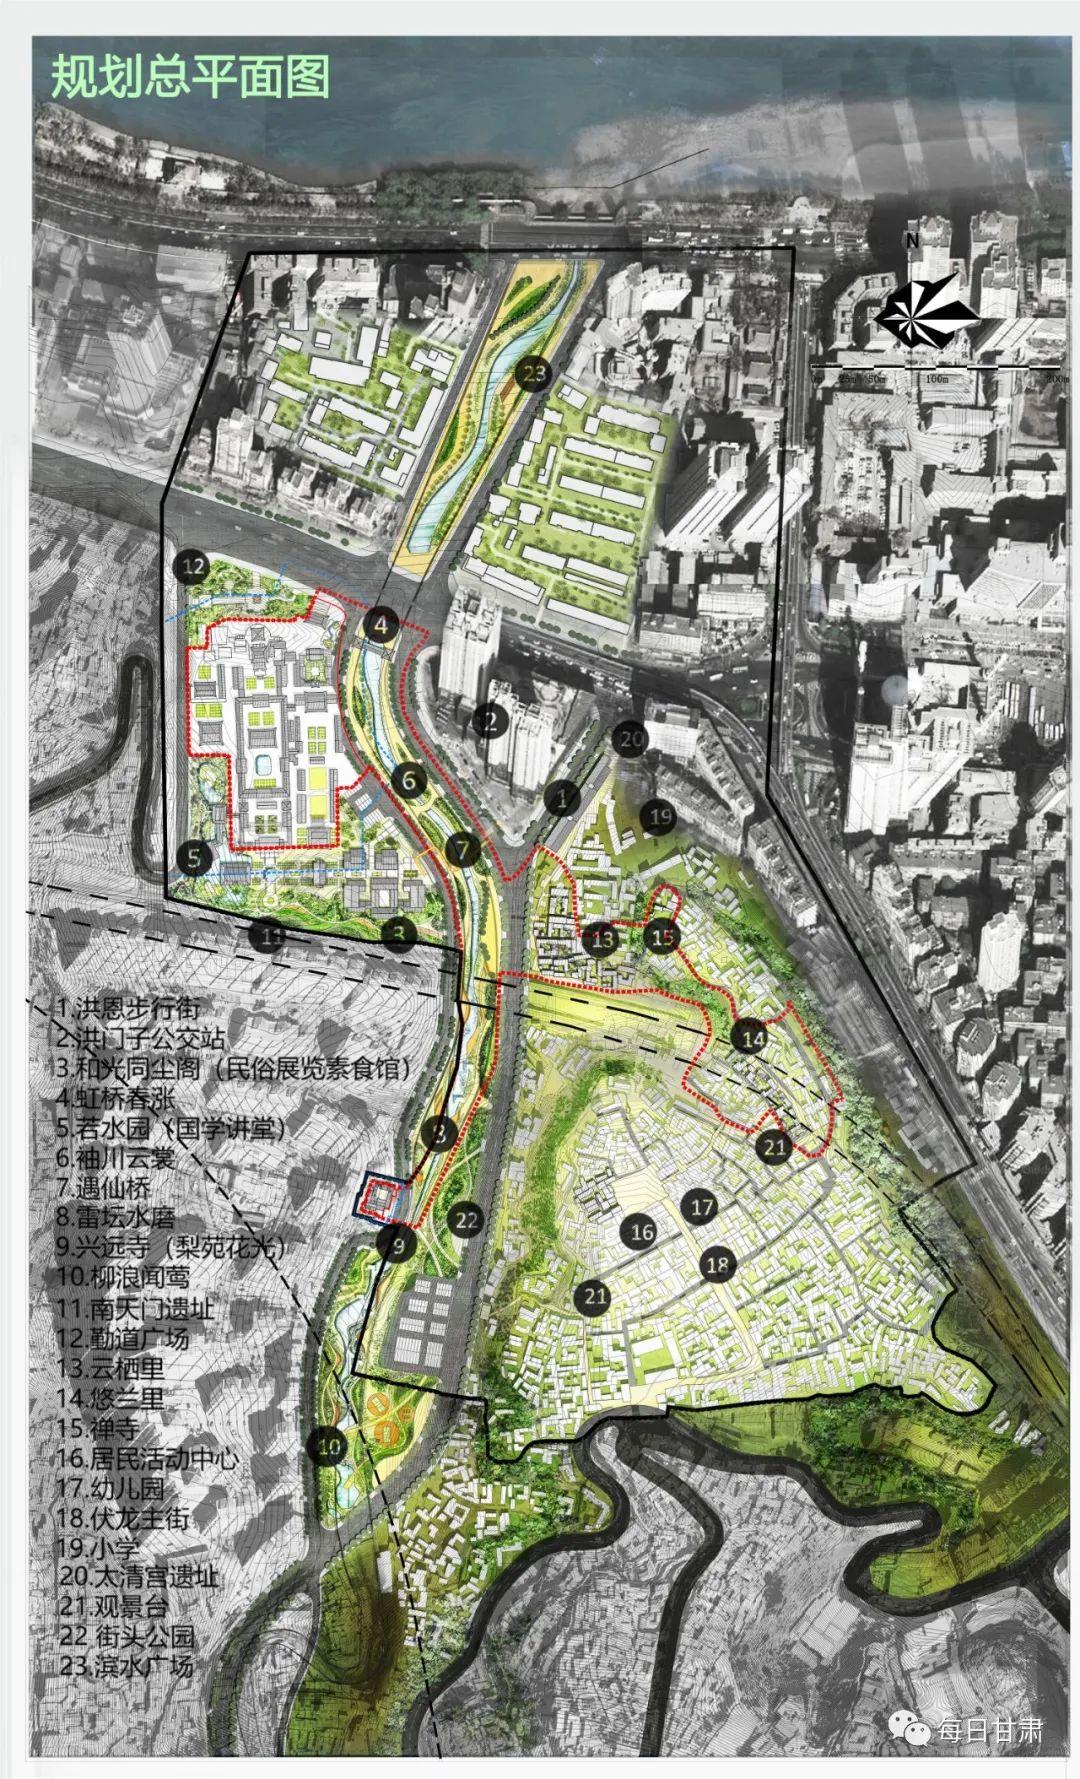 兰州金天观-洪恩街街区城市设计方案公示,效果惊艳!